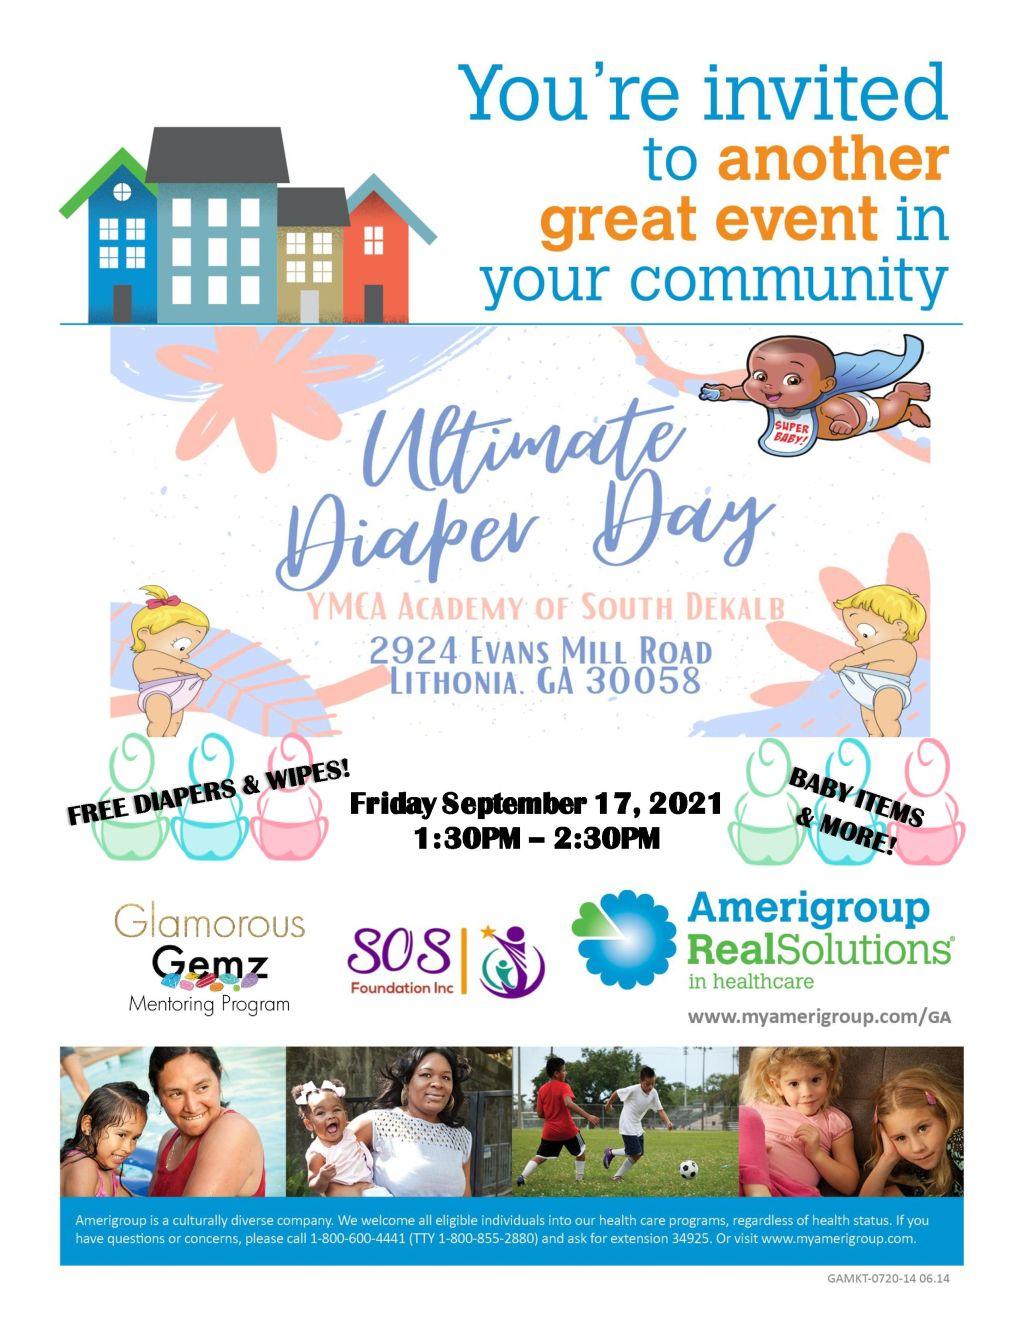 Amerigroup Ultimate Diaper Day Dekalb